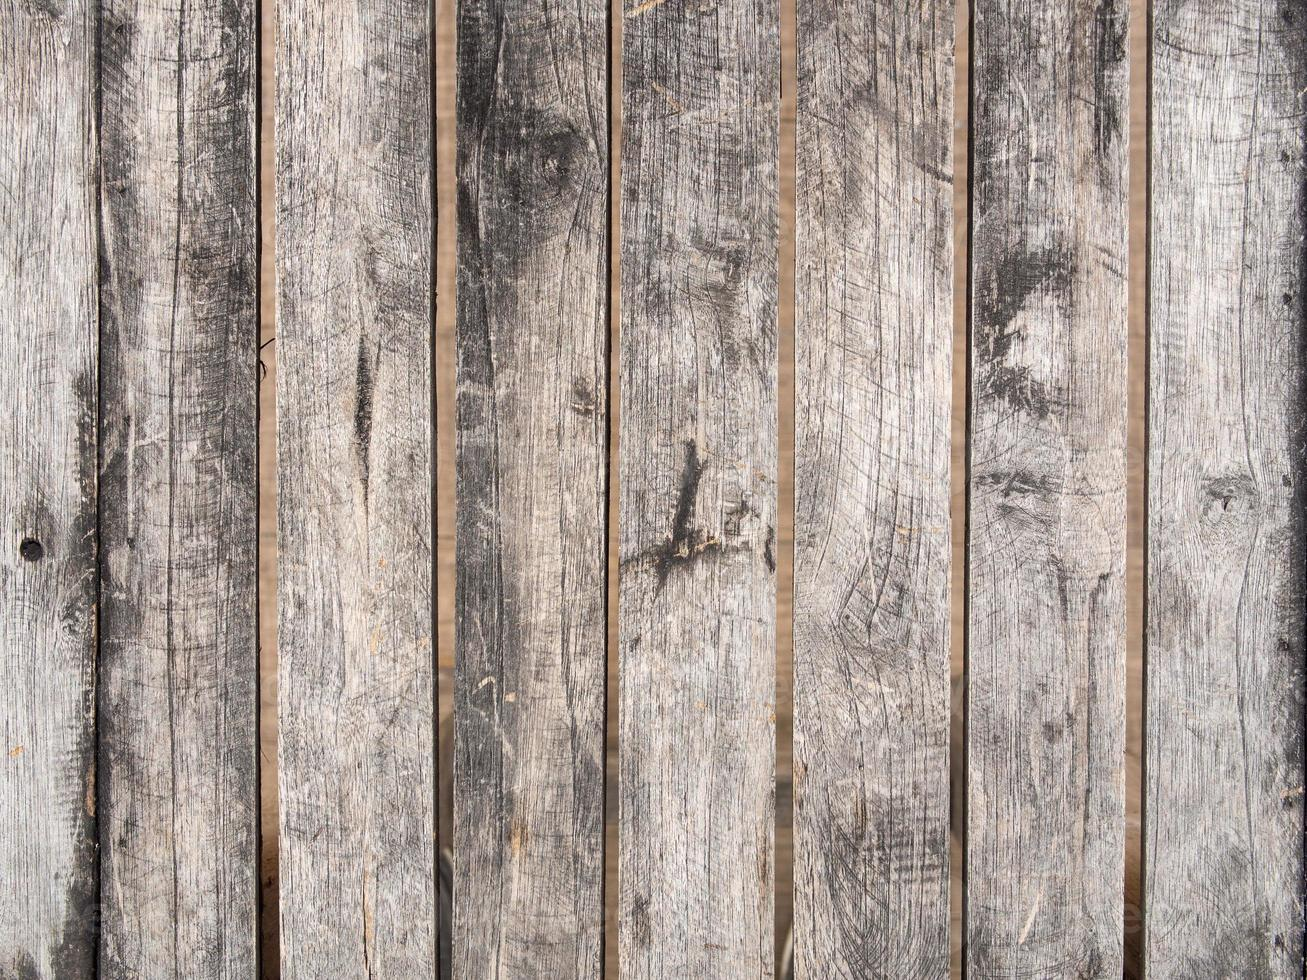 textura de madera vieja foto